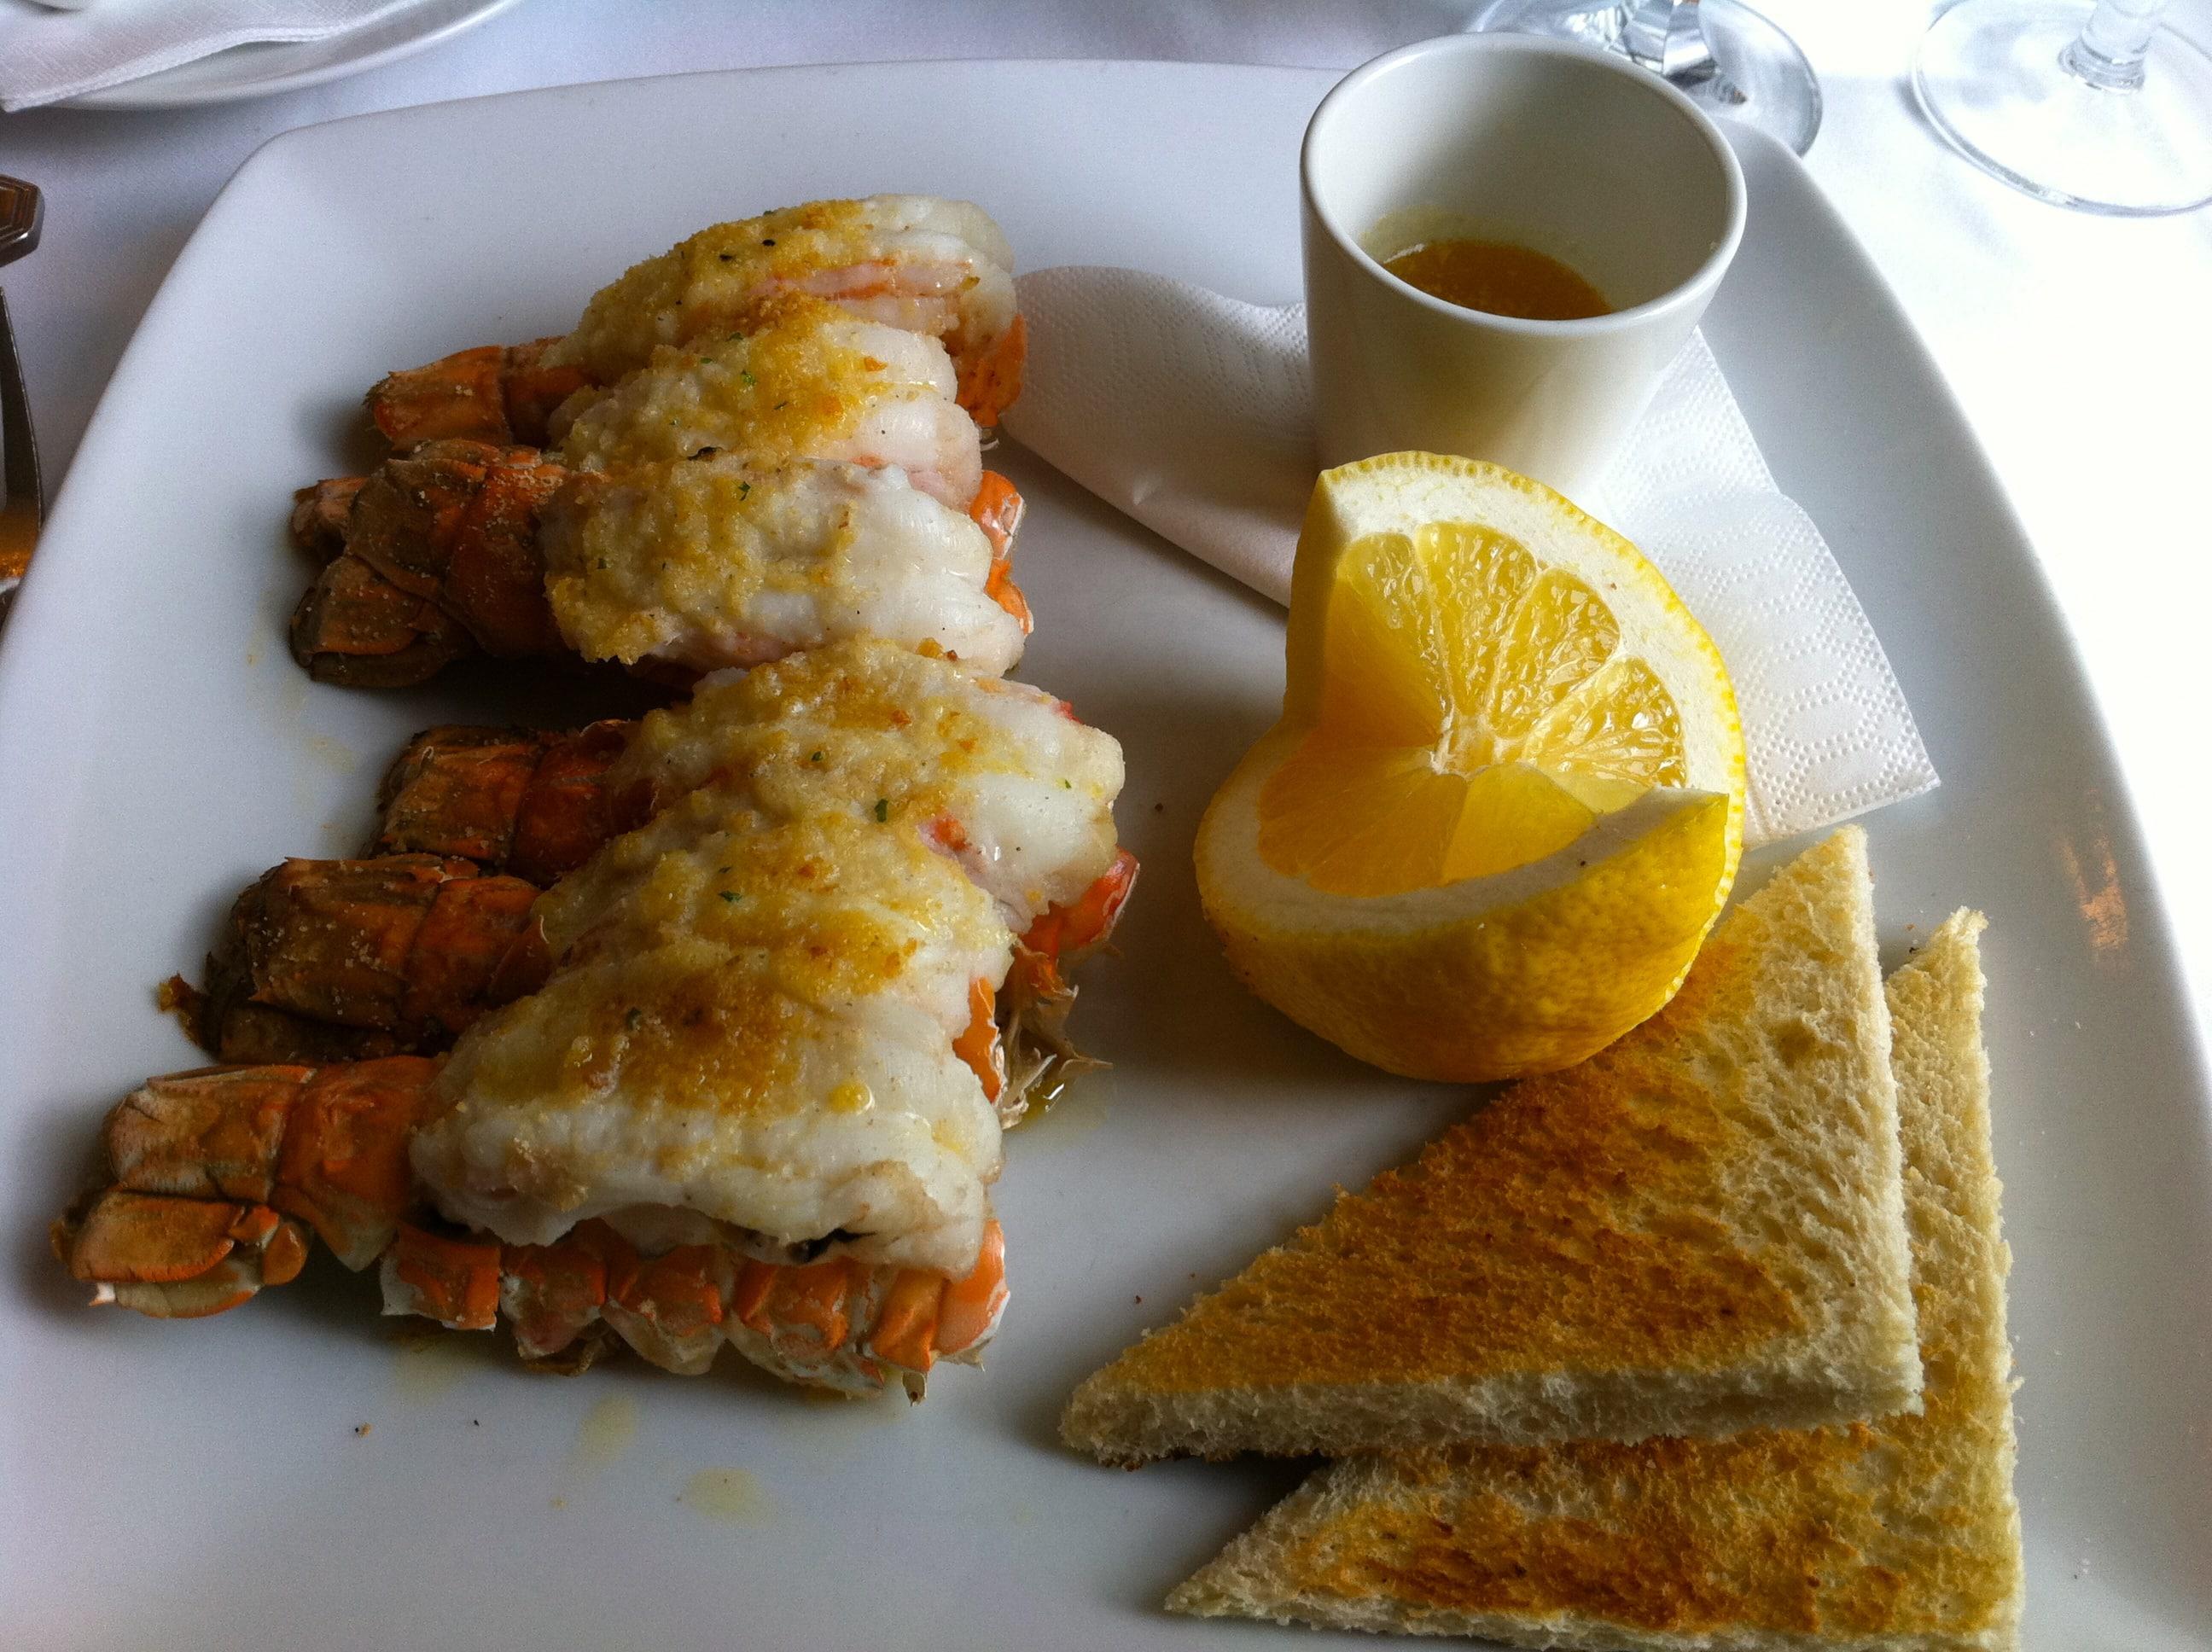 Restaurant Laekjarbrekka langostines seafood iceland food